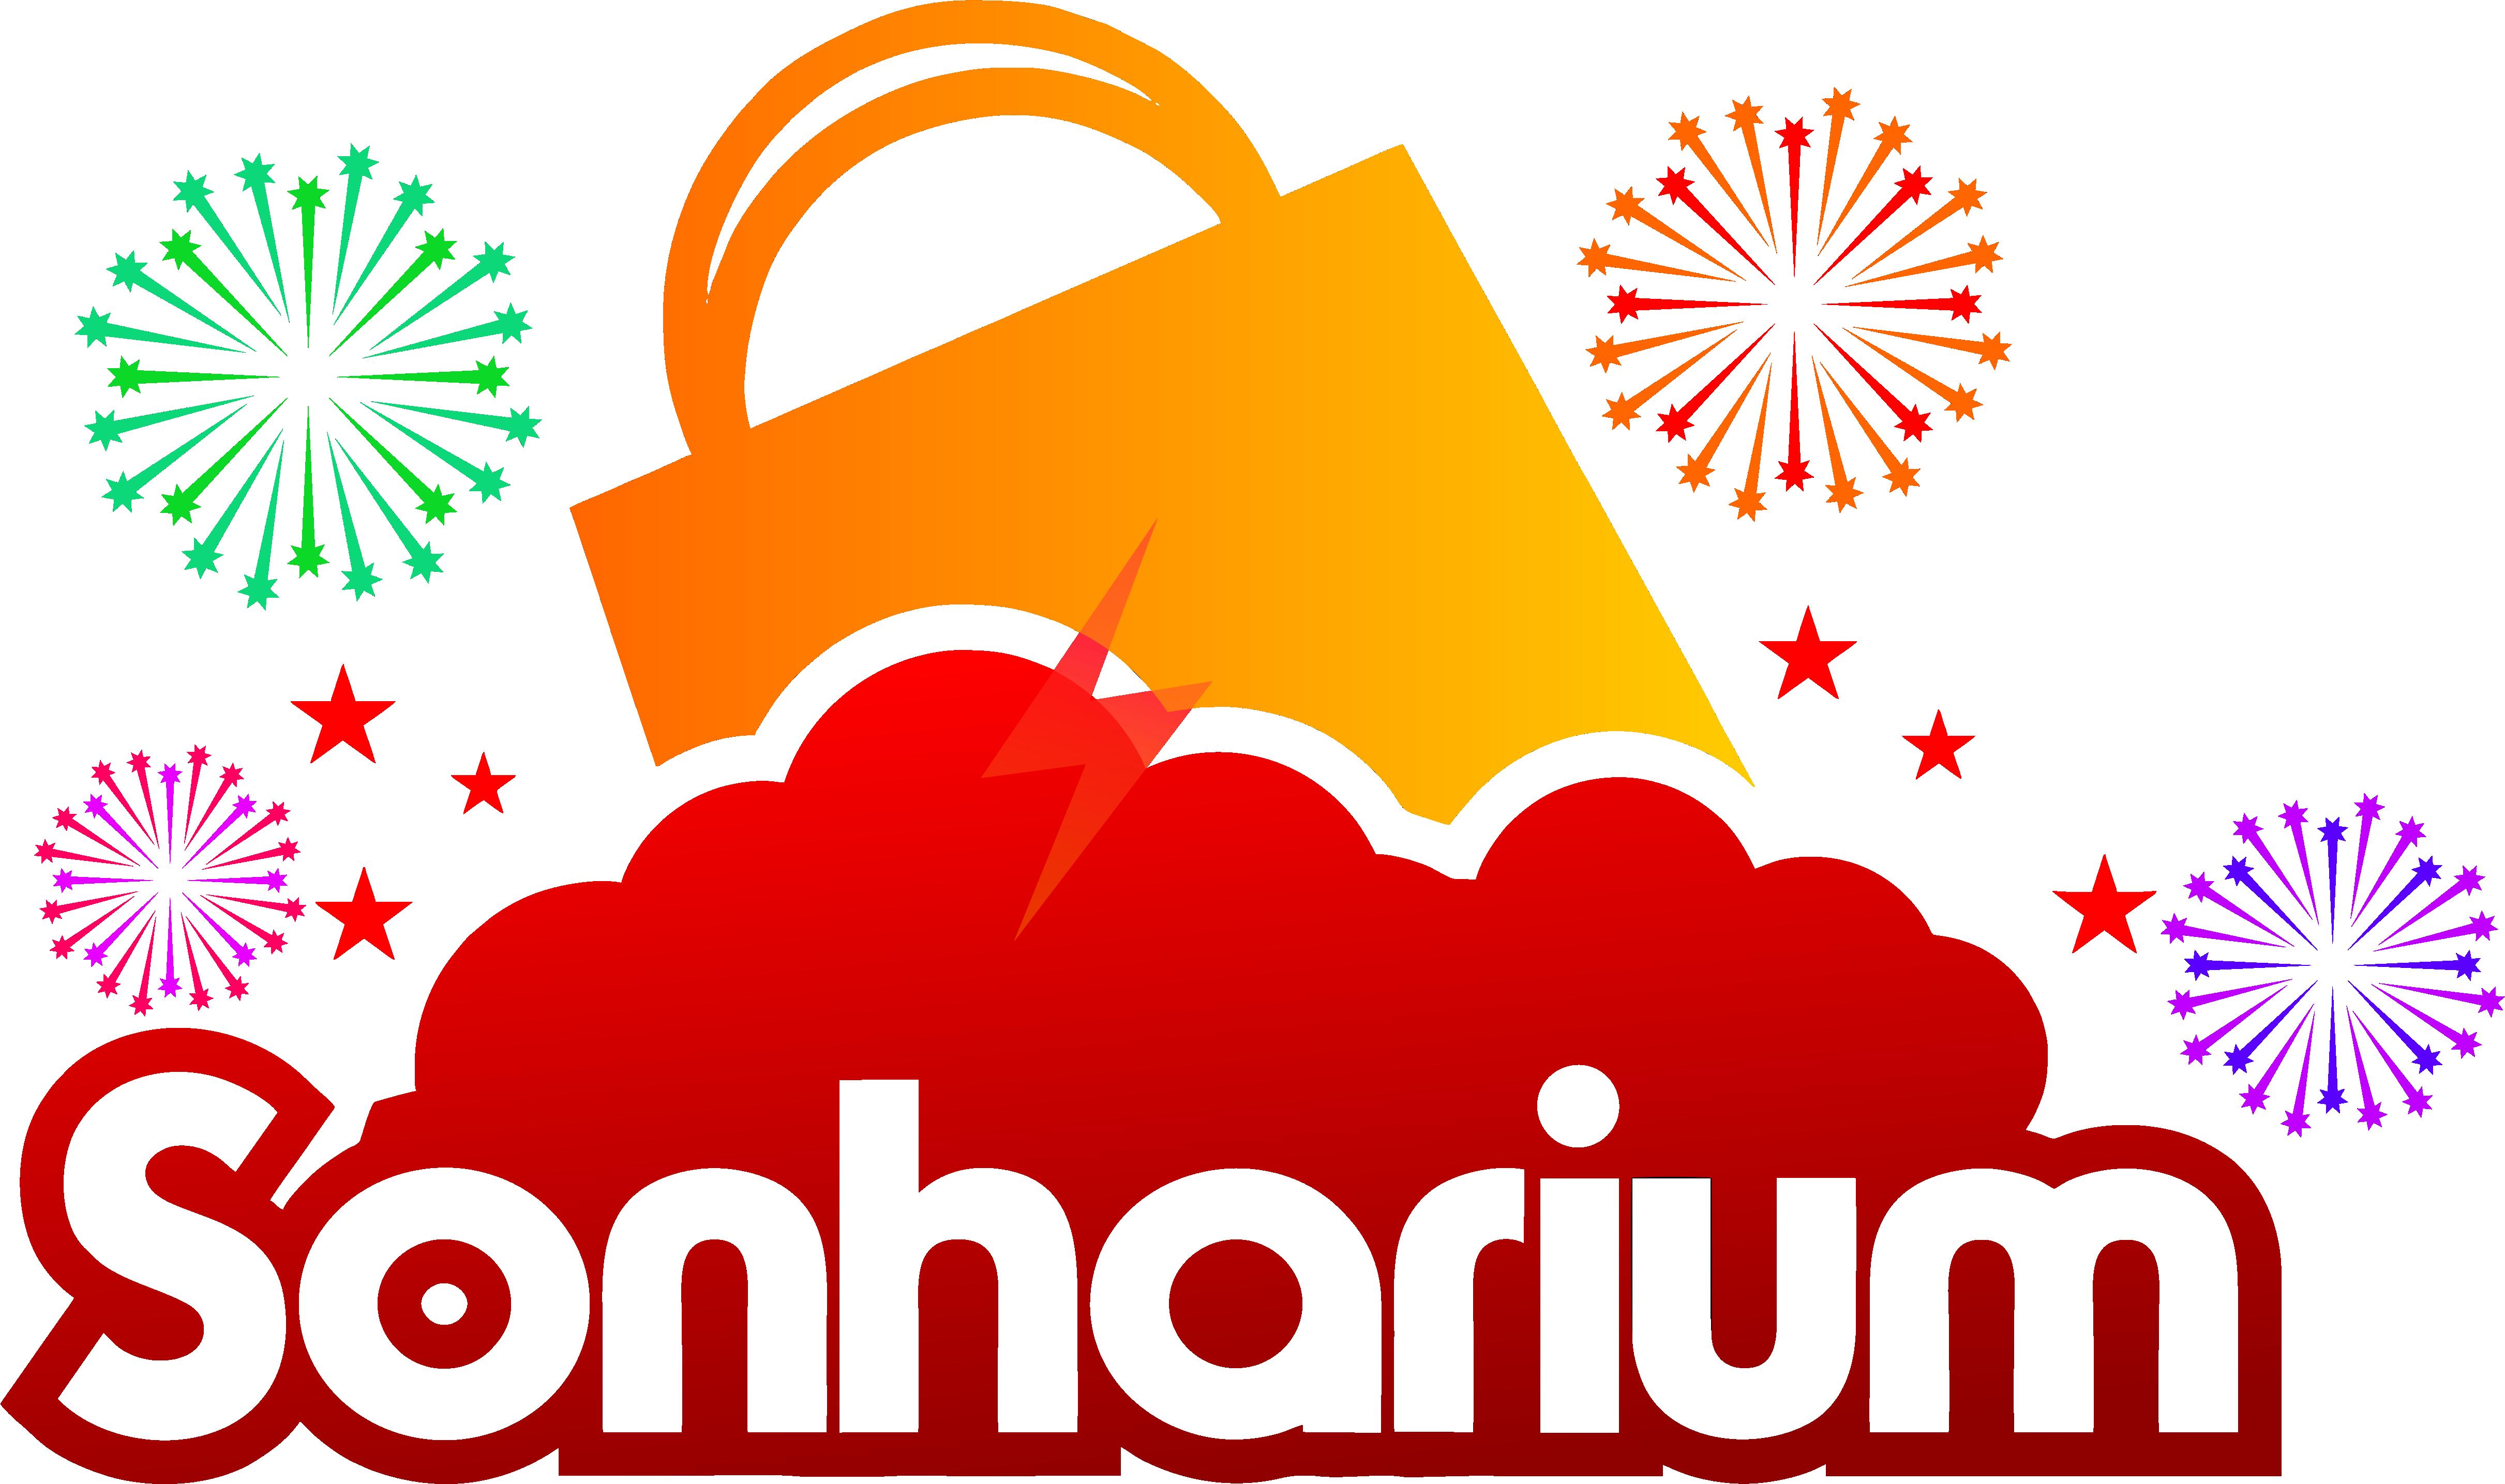 Sonharium